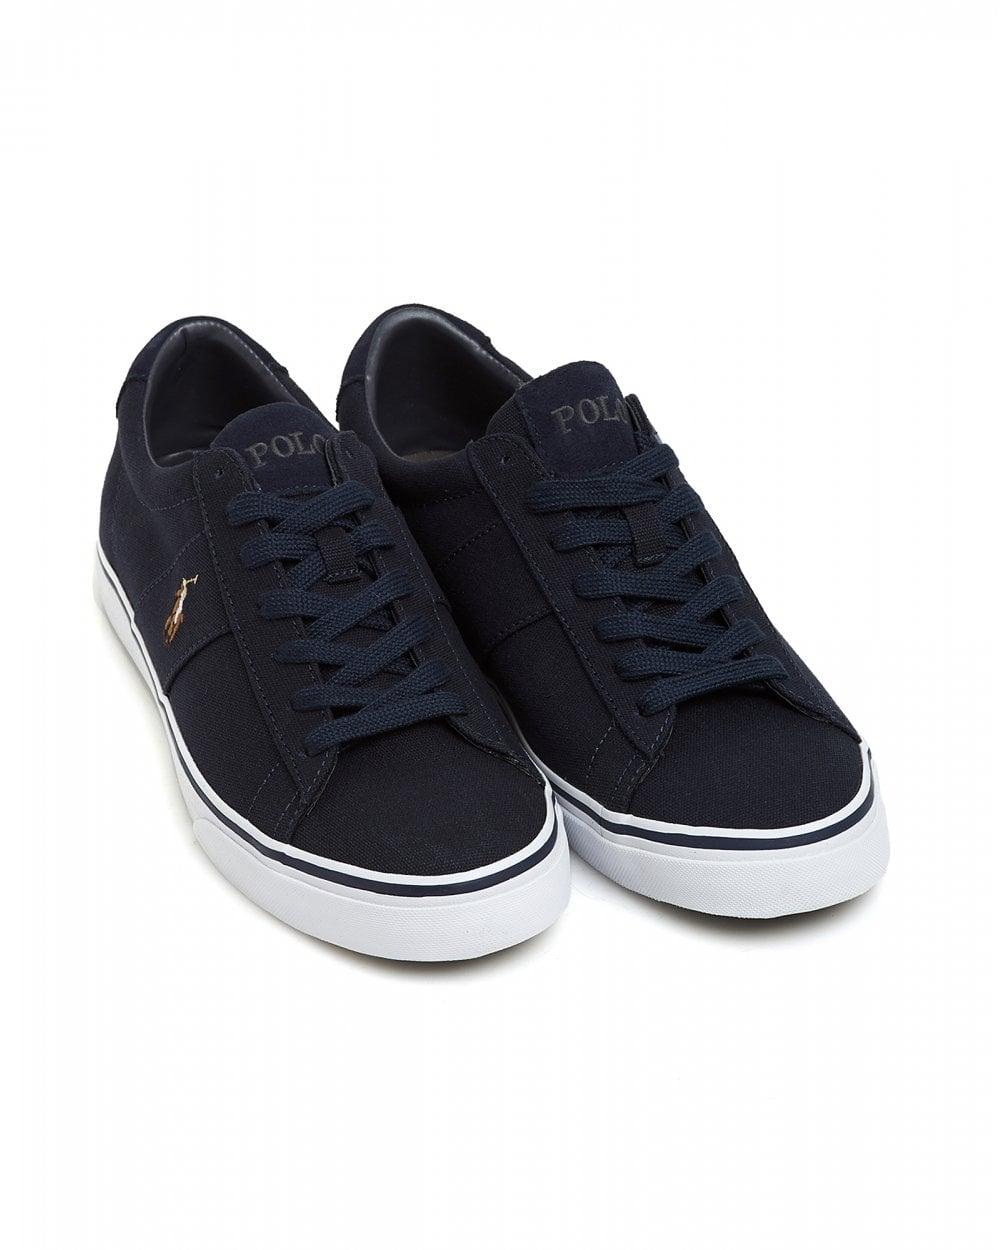 ralph lauren men's canvas shoes